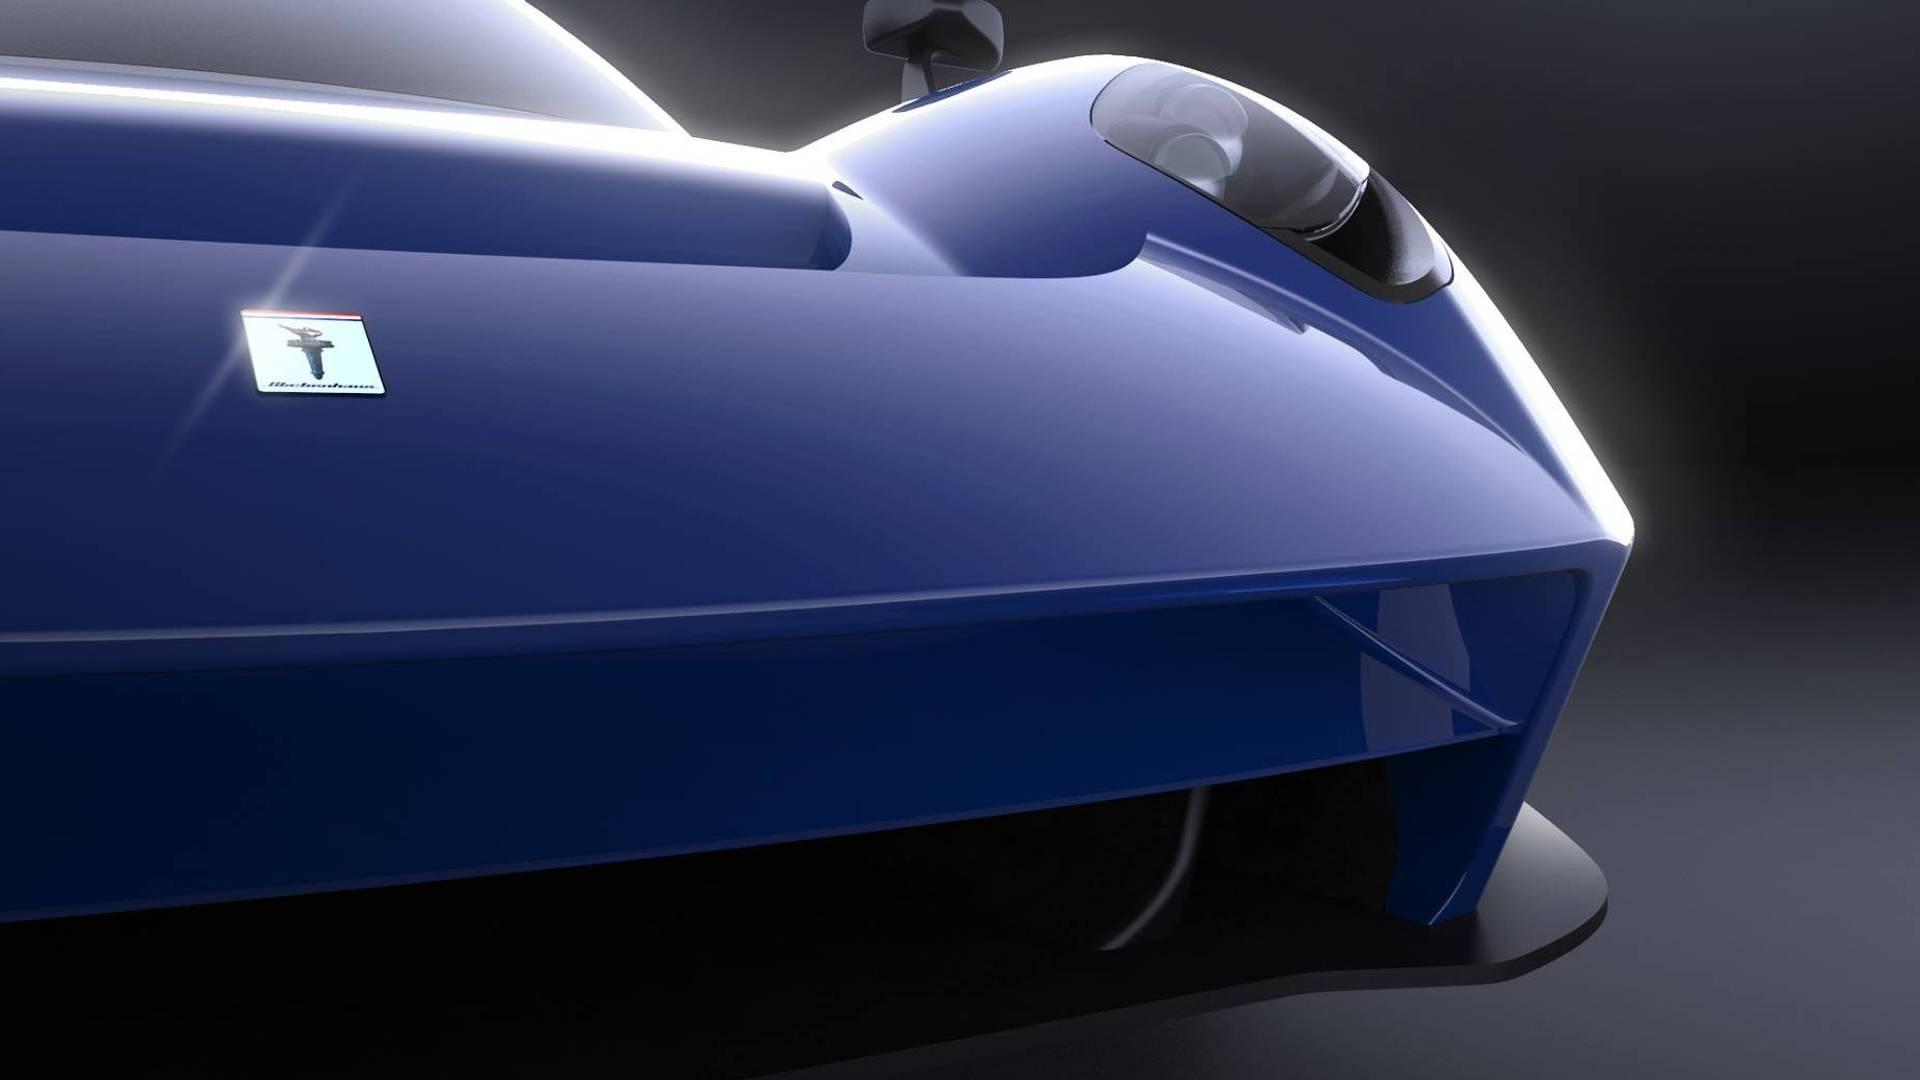 Scg 003 Is Faster Than Porsche S 918 Spyder Around